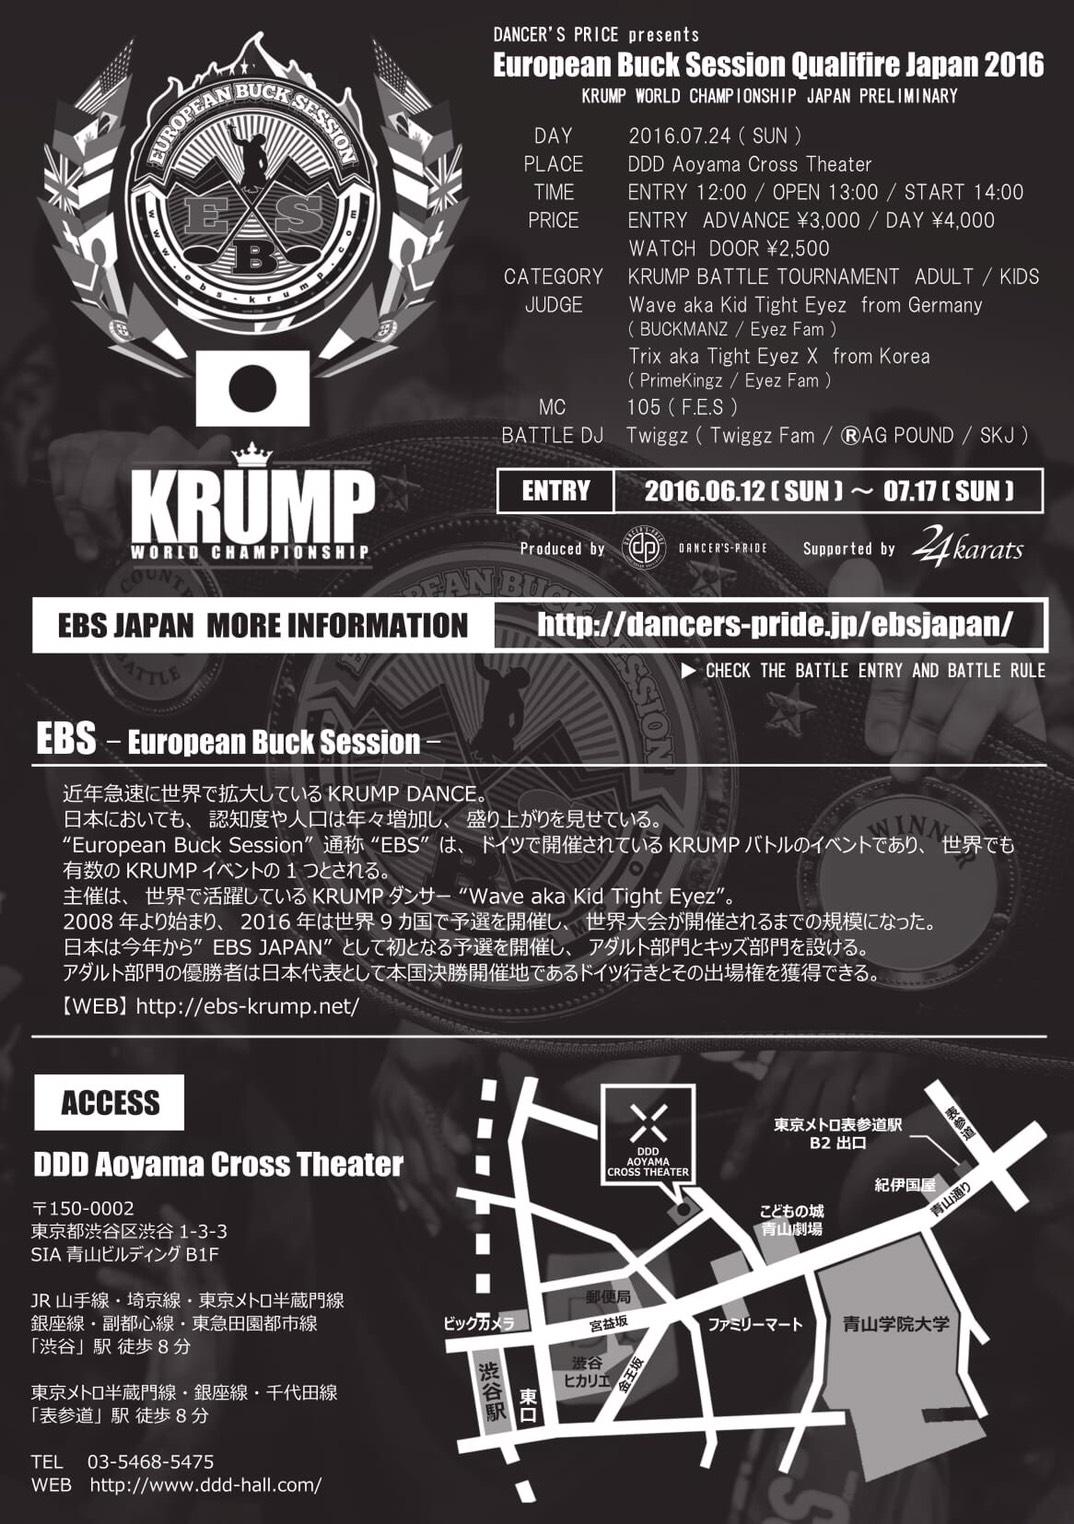 kurmp,ダンス,キントレ,General,Twiggz